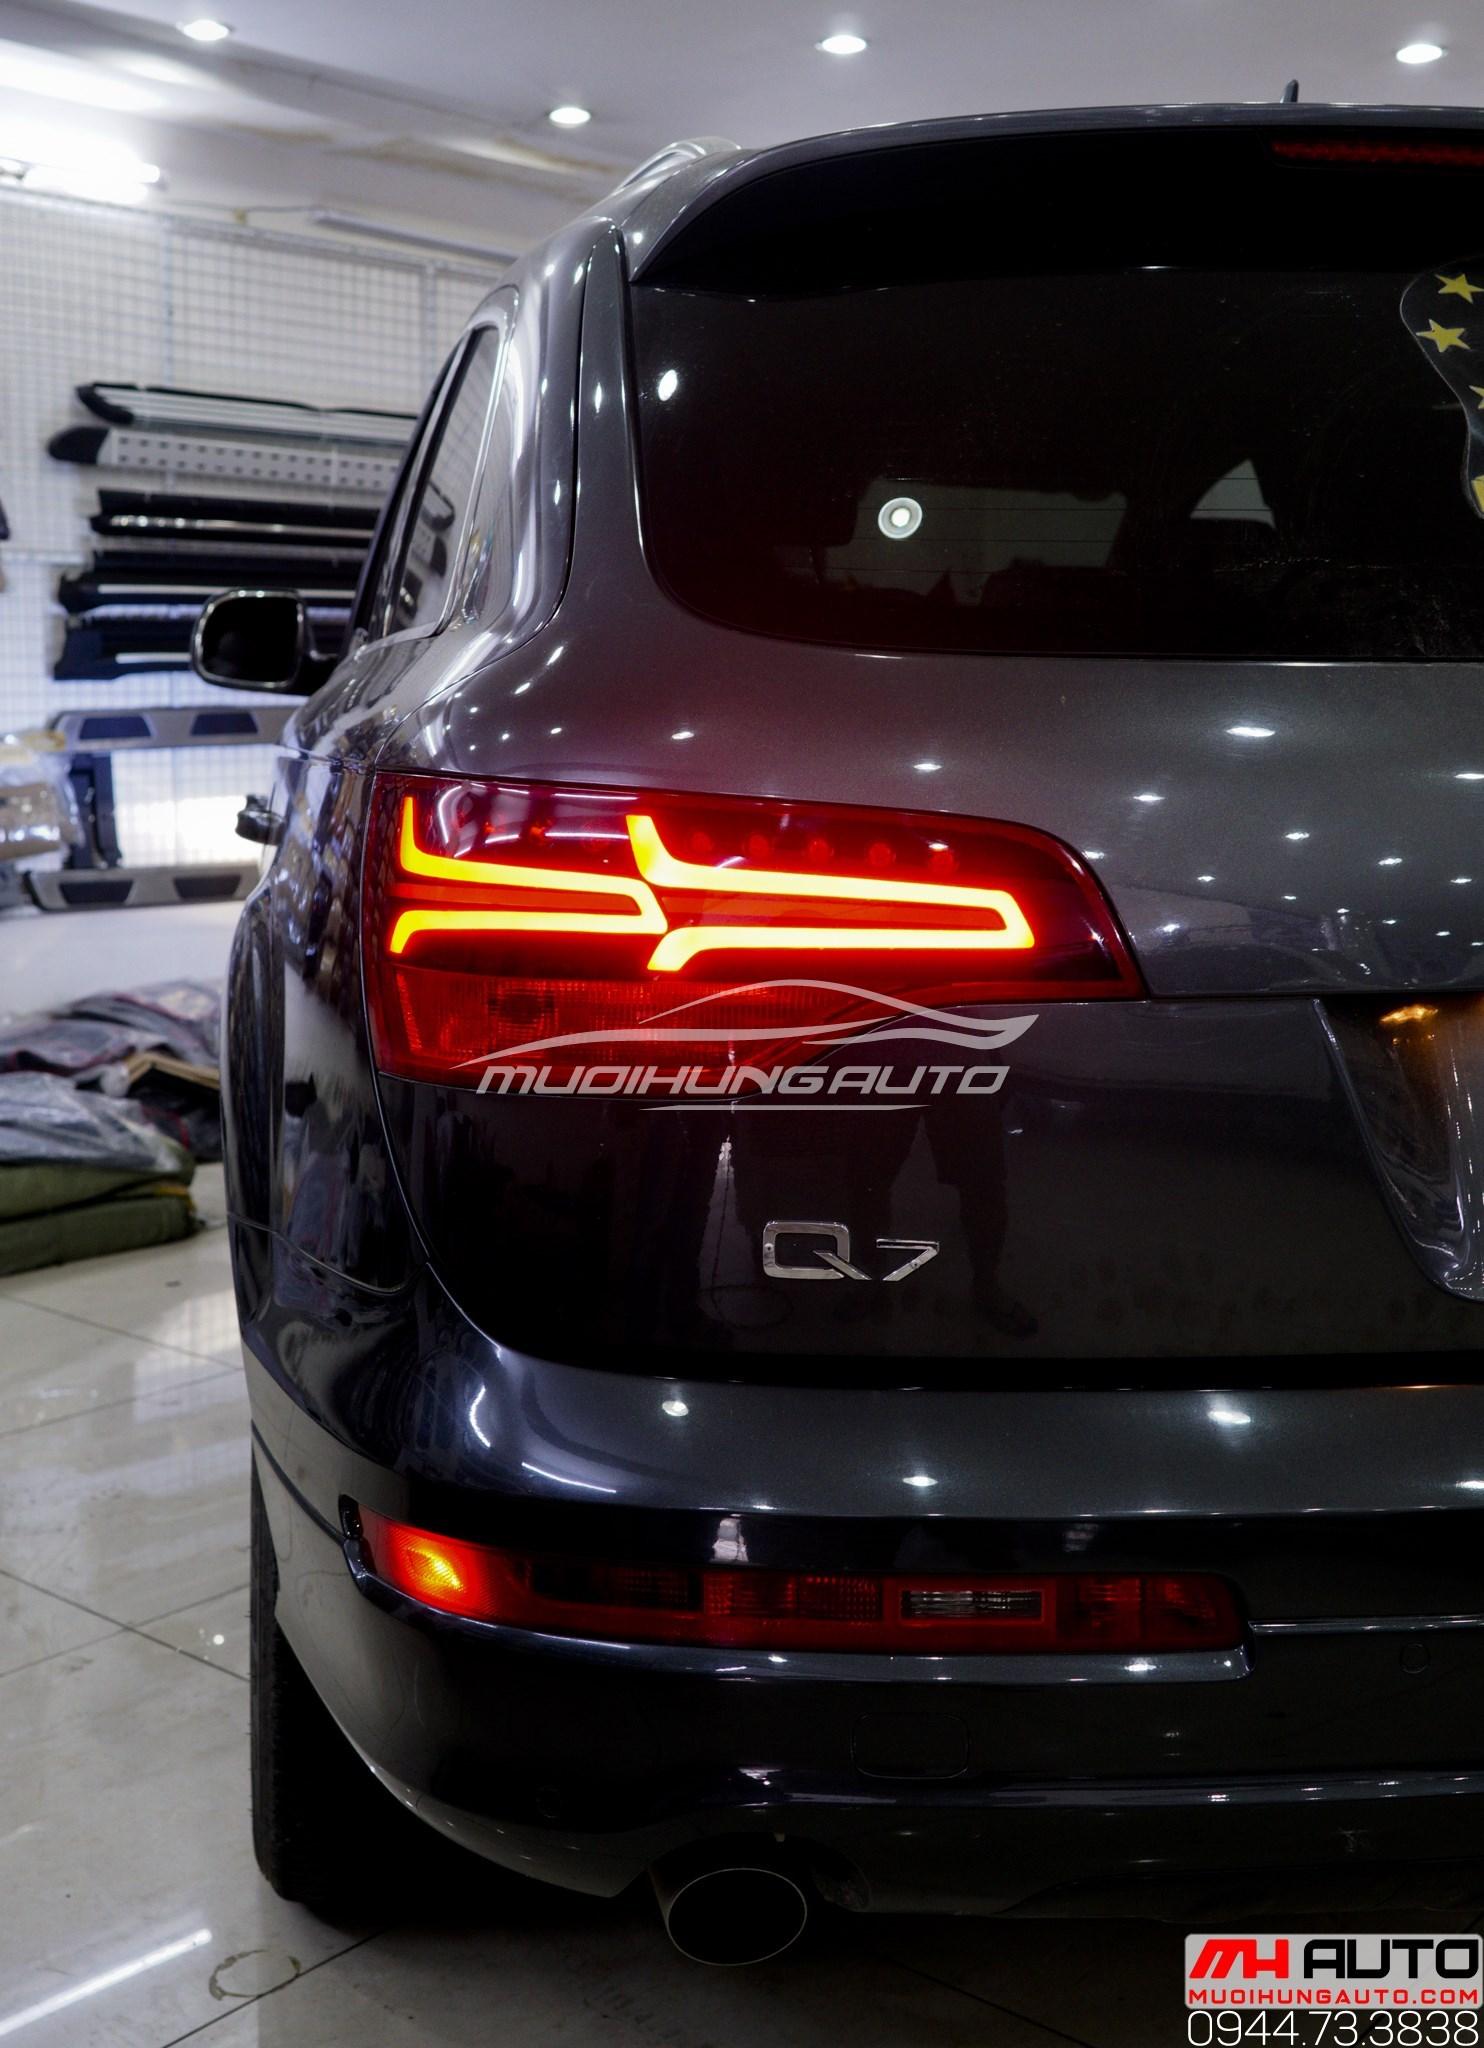 Độ led mí pha và led hậu Audi Q7 uy tín chuyên nghiệp tại HCM